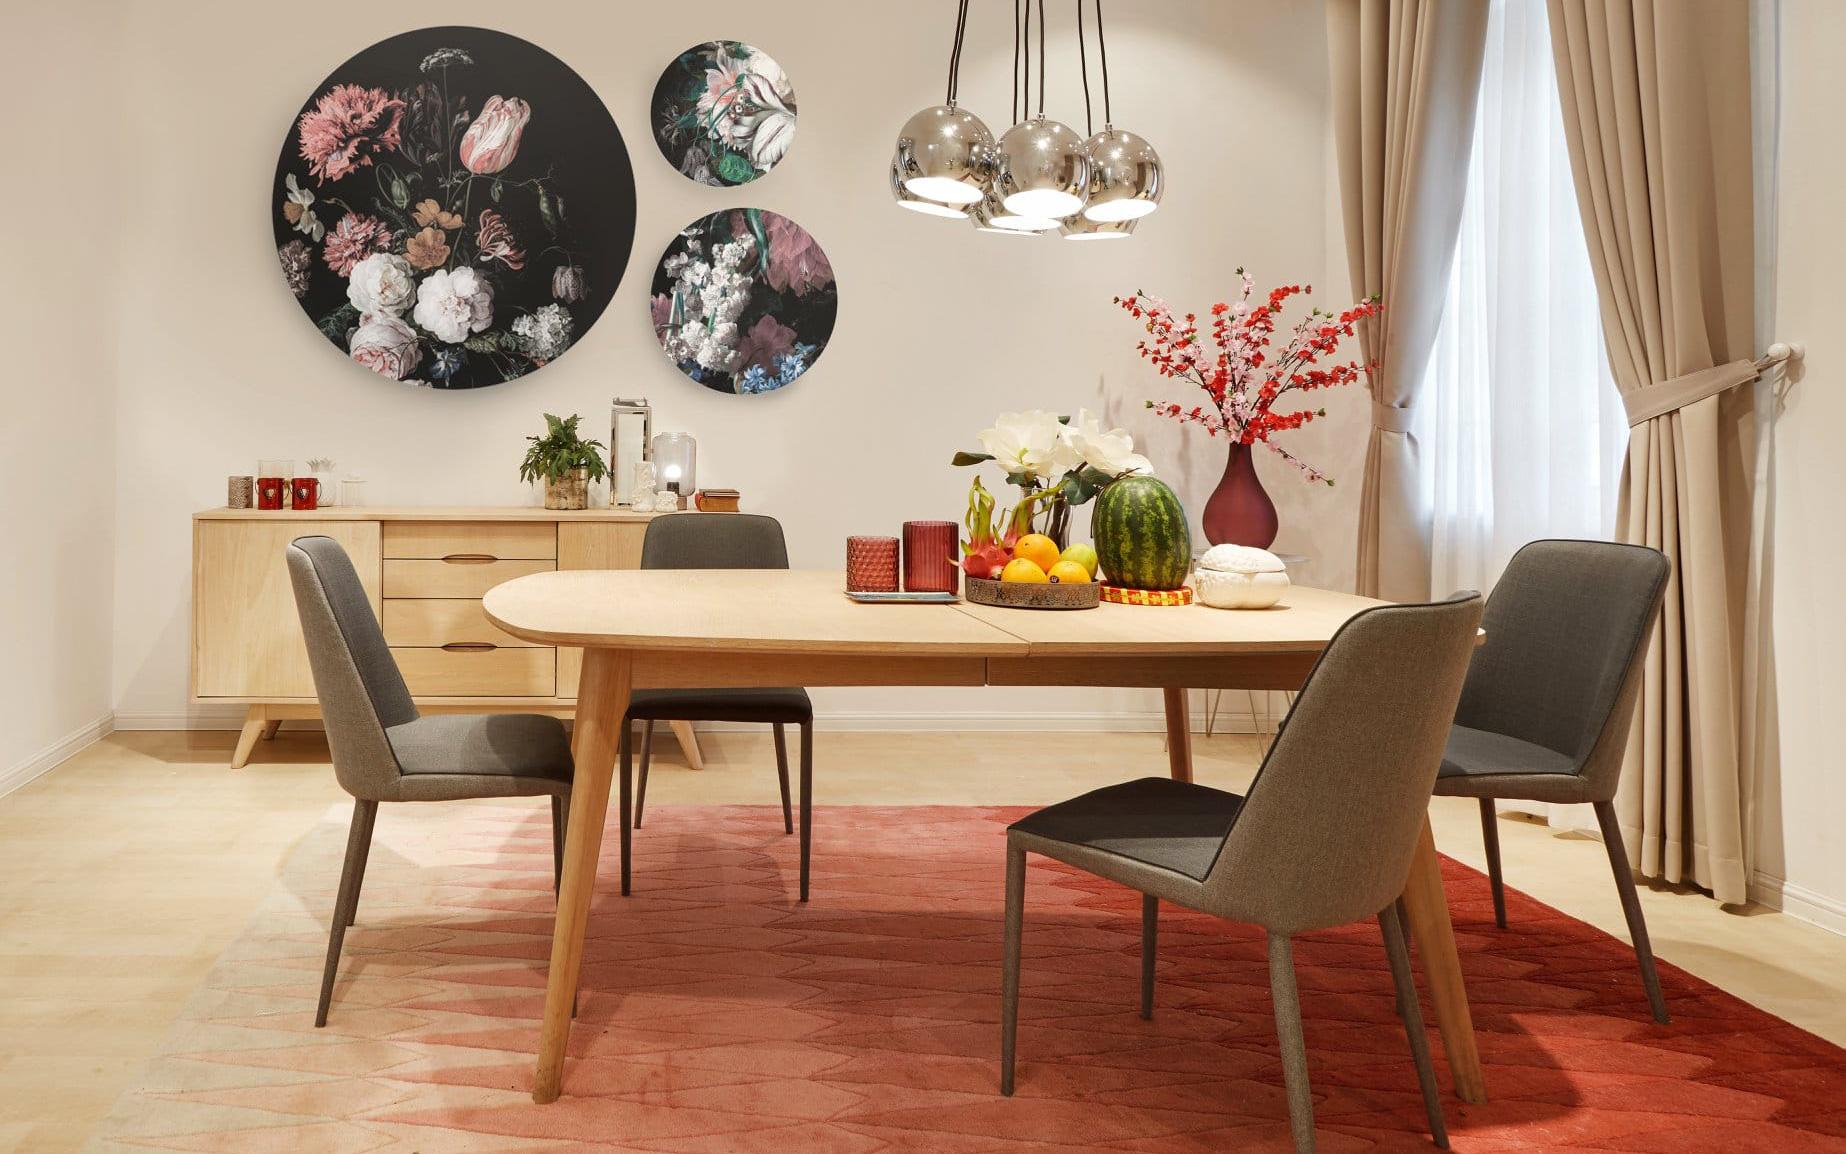 Phòng bếp đẹp rạng ngời nhờ 6 mẫu thiết kế ghế nổi bật được các chuyên gia nước ngoài bình chọn mà giá bán tại Việt Nam lại không quá đắt